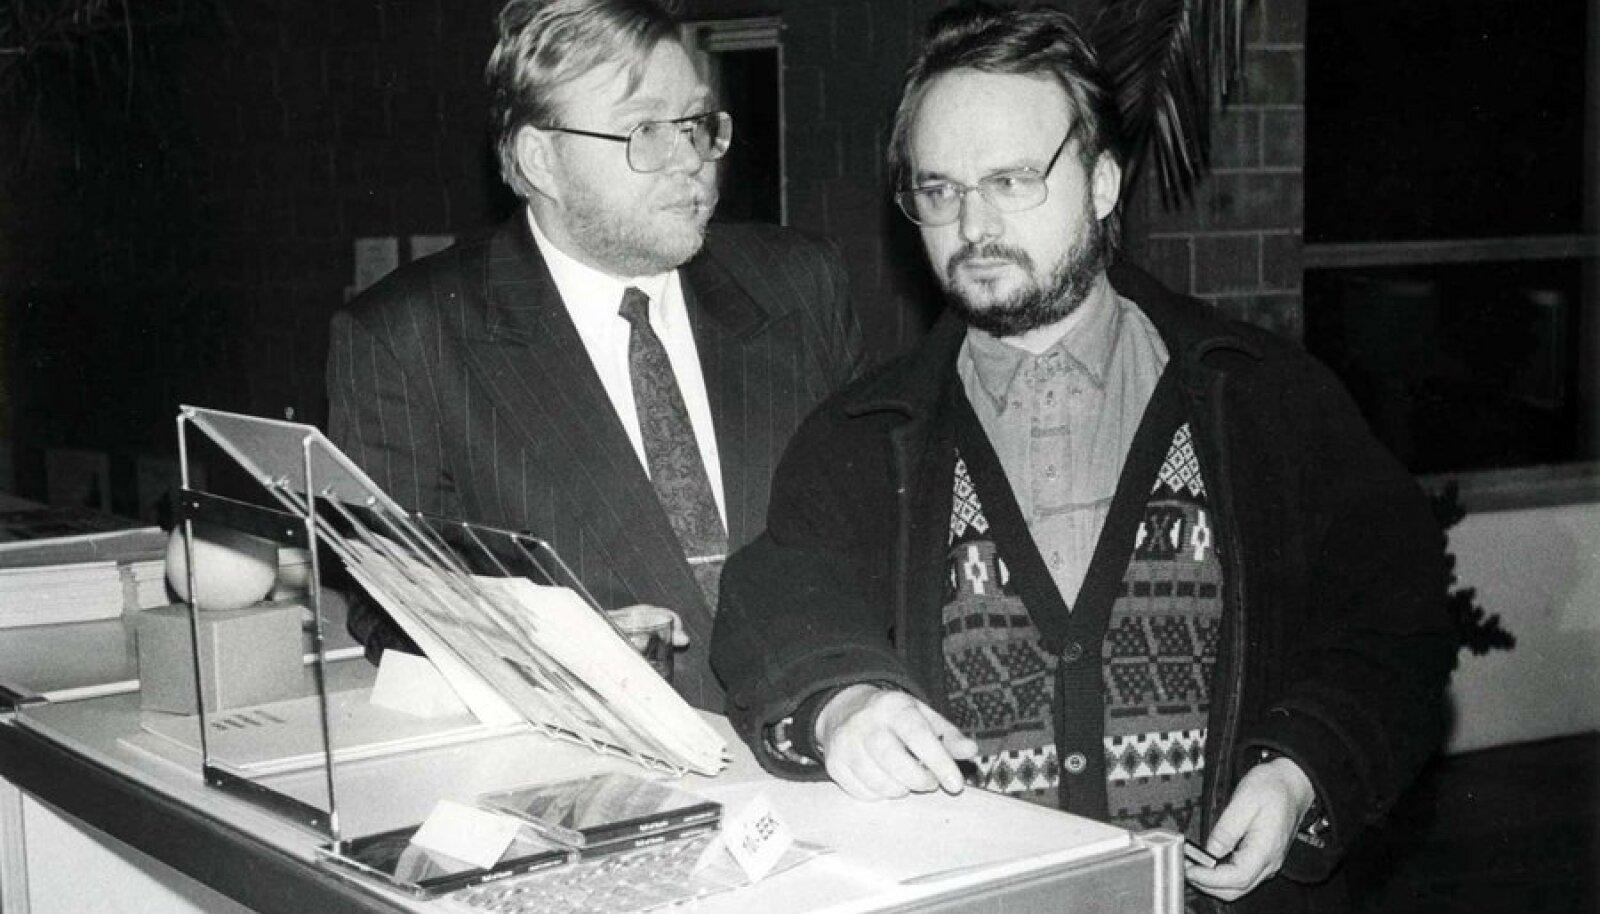 Mõtlikud mehed: Peaminister Mart Laar ja nõunik Tiit Pruuli isamaale kasulikke ideid genereerimas. (Foto: Ain Väli)